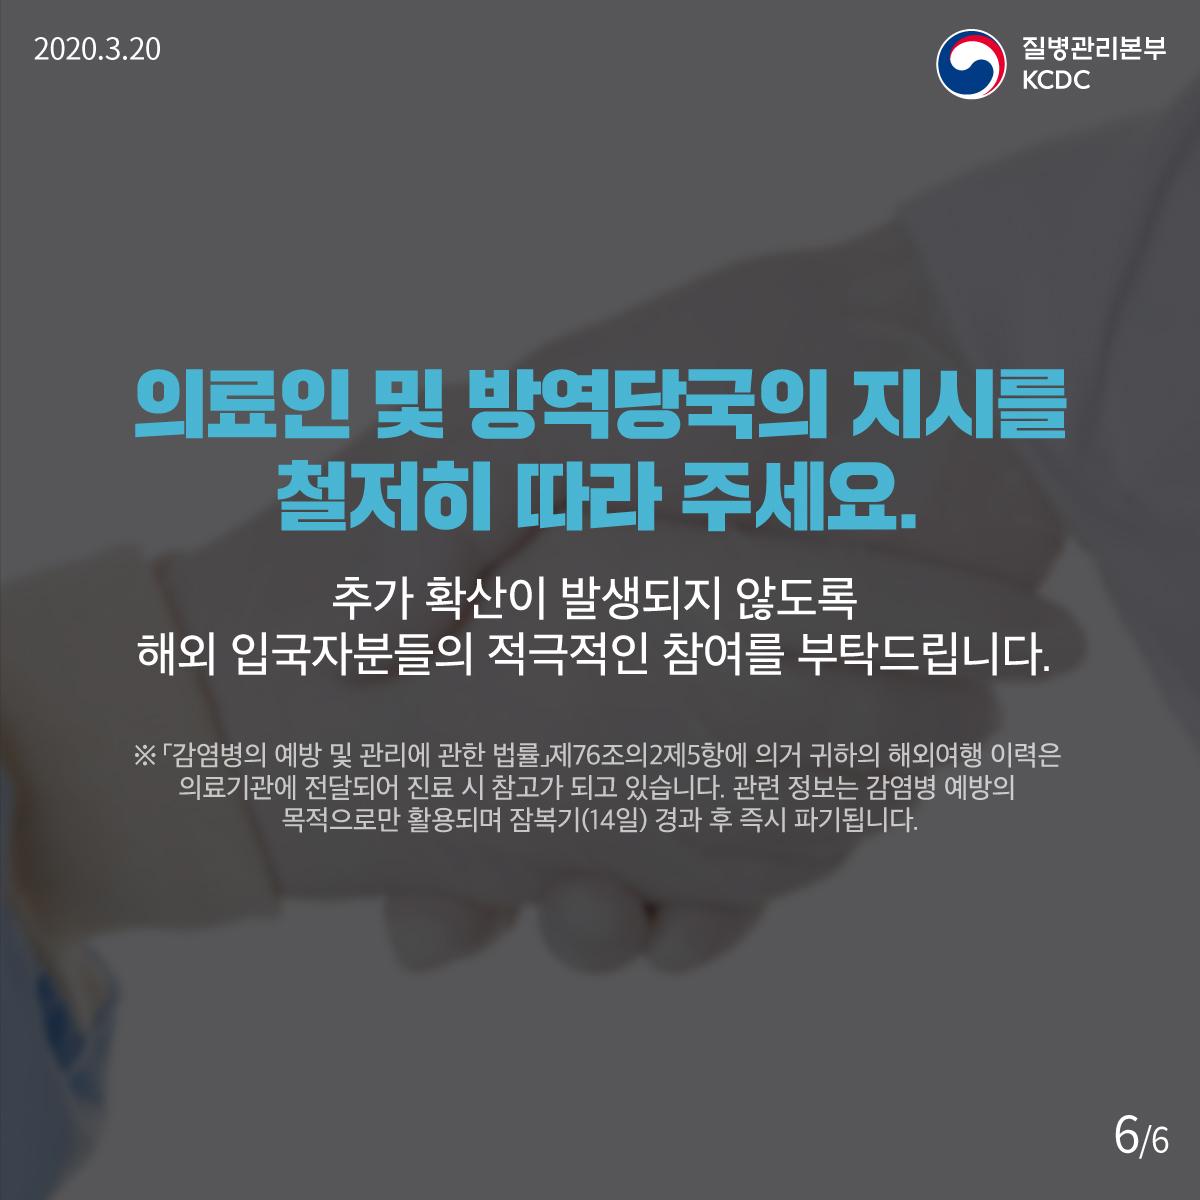 2020.3.20, 질병관리본부 KCDC, 의료인 및 방역당국의 지시를 철저히 따라 주세요. 추가 확산이 발생되지 않도록 해외 입국자분들의 적극적인 참여를 부탁드립니다. ※ 「감염병의 예방 및 관리에 관한 법률」제76조의2제5항에 의거 귀하의 해외여행 이력은 의료기관에 전달되어 진료 시 참고가 되고 있습니다. 관련 정보는 감염병 예방의 목적으로만 활용되며 잠복기(14일) 경과 후 즉시 파기됩니다.